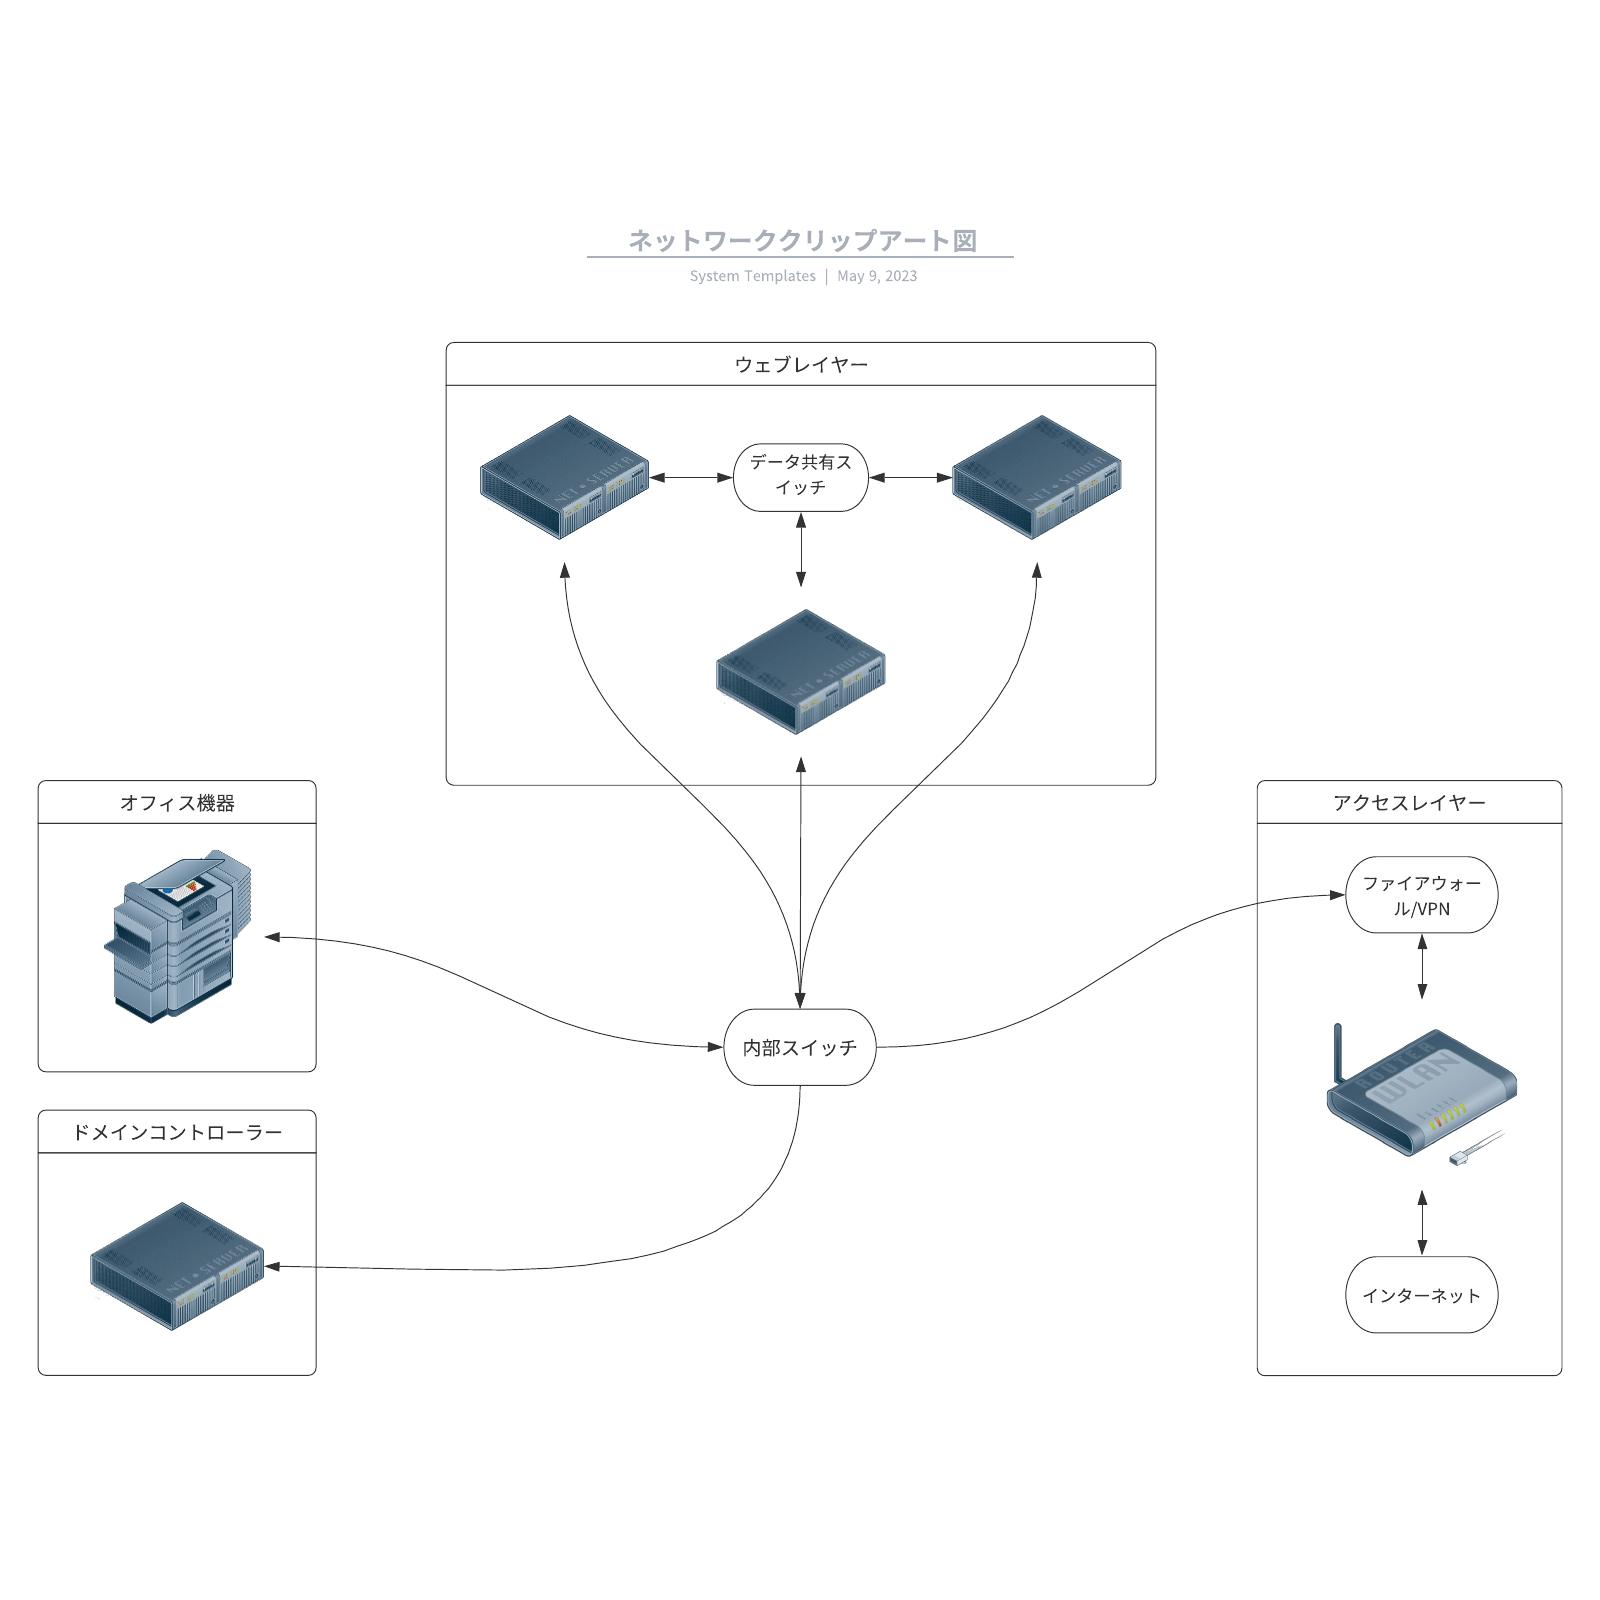 ネットワーク図無料素材テンプレート